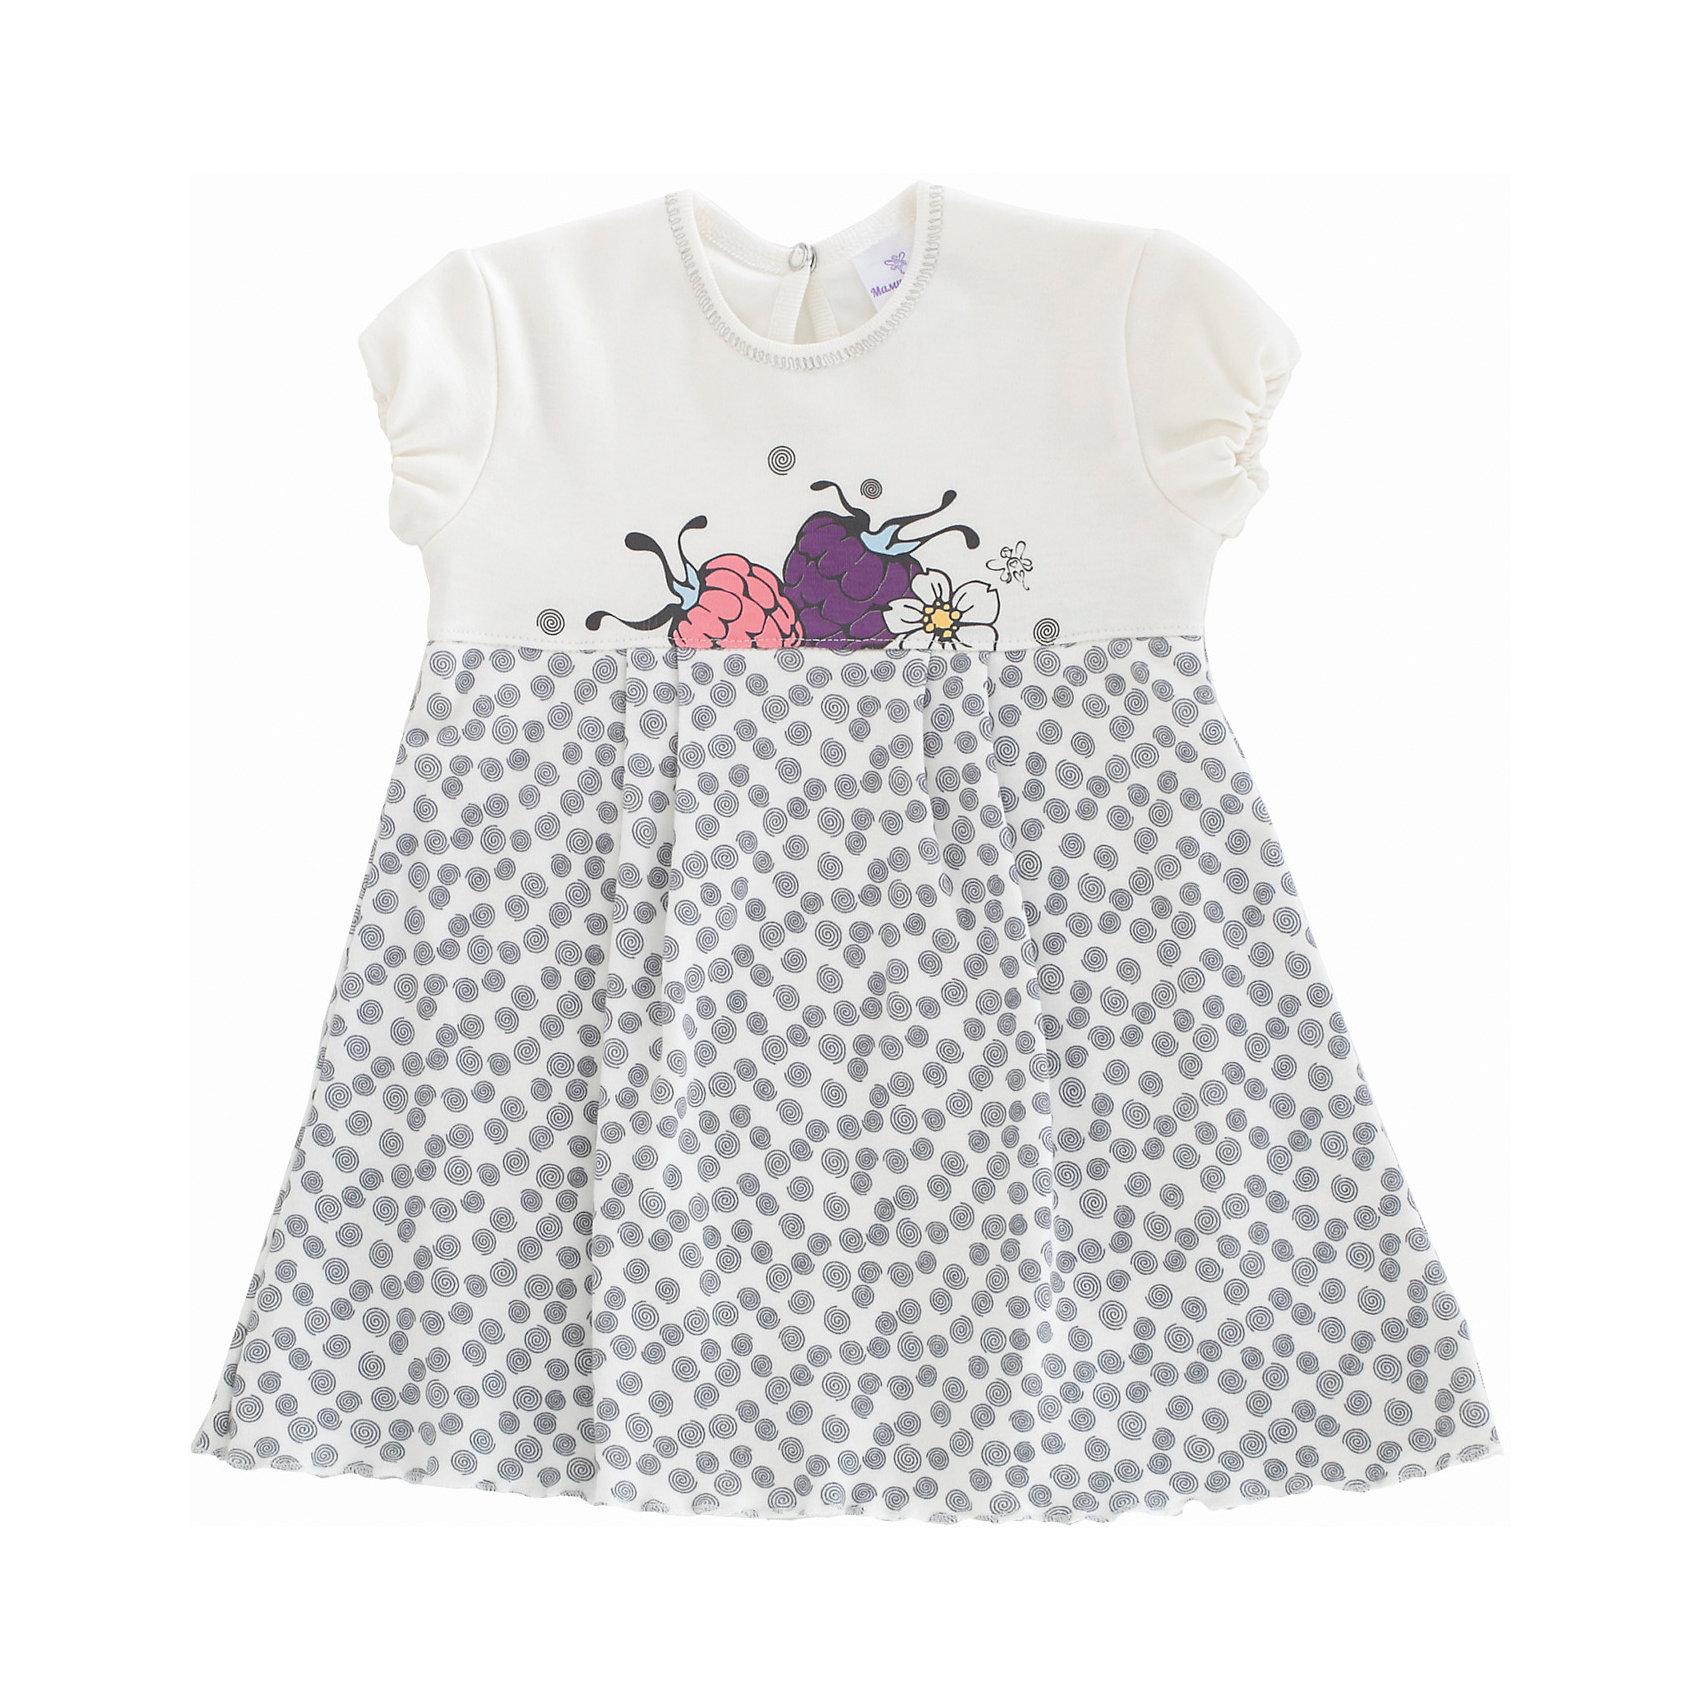 Боди-платье для девочки МамуляндияБоди-платье для девочки Мамуляндия<br>Боди-платье для девочки из дизайнерской коллекции Ягодки. Изготовлено из трикотажного полотна высшего качества.<br>Застёжка на кнопку из гипоаллергенного сплава без содержания никеля.<br>Гипоаллергенный принт на водной основе.<br>Удобное расположение кнопок для переодевания ребенка или смены подгузника. <br><br>Состав 100% хлопок (интерлок-пенье). <br>Рекомендации по уходу: стирать при 40 С, гладить при средней температуре, носить с удовольствием!<br>Состав:<br>100% хлопок<br><br>Ширина мм: 157<br>Глубина мм: 13<br>Высота мм: 119<br>Вес г: 200<br>Цвет: серый<br>Возраст от месяцев: 12<br>Возраст до месяцев: 18<br>Пол: Женский<br>Возраст: Детский<br>Размер: 86,62,68,74,80<br>SKU: 5513673